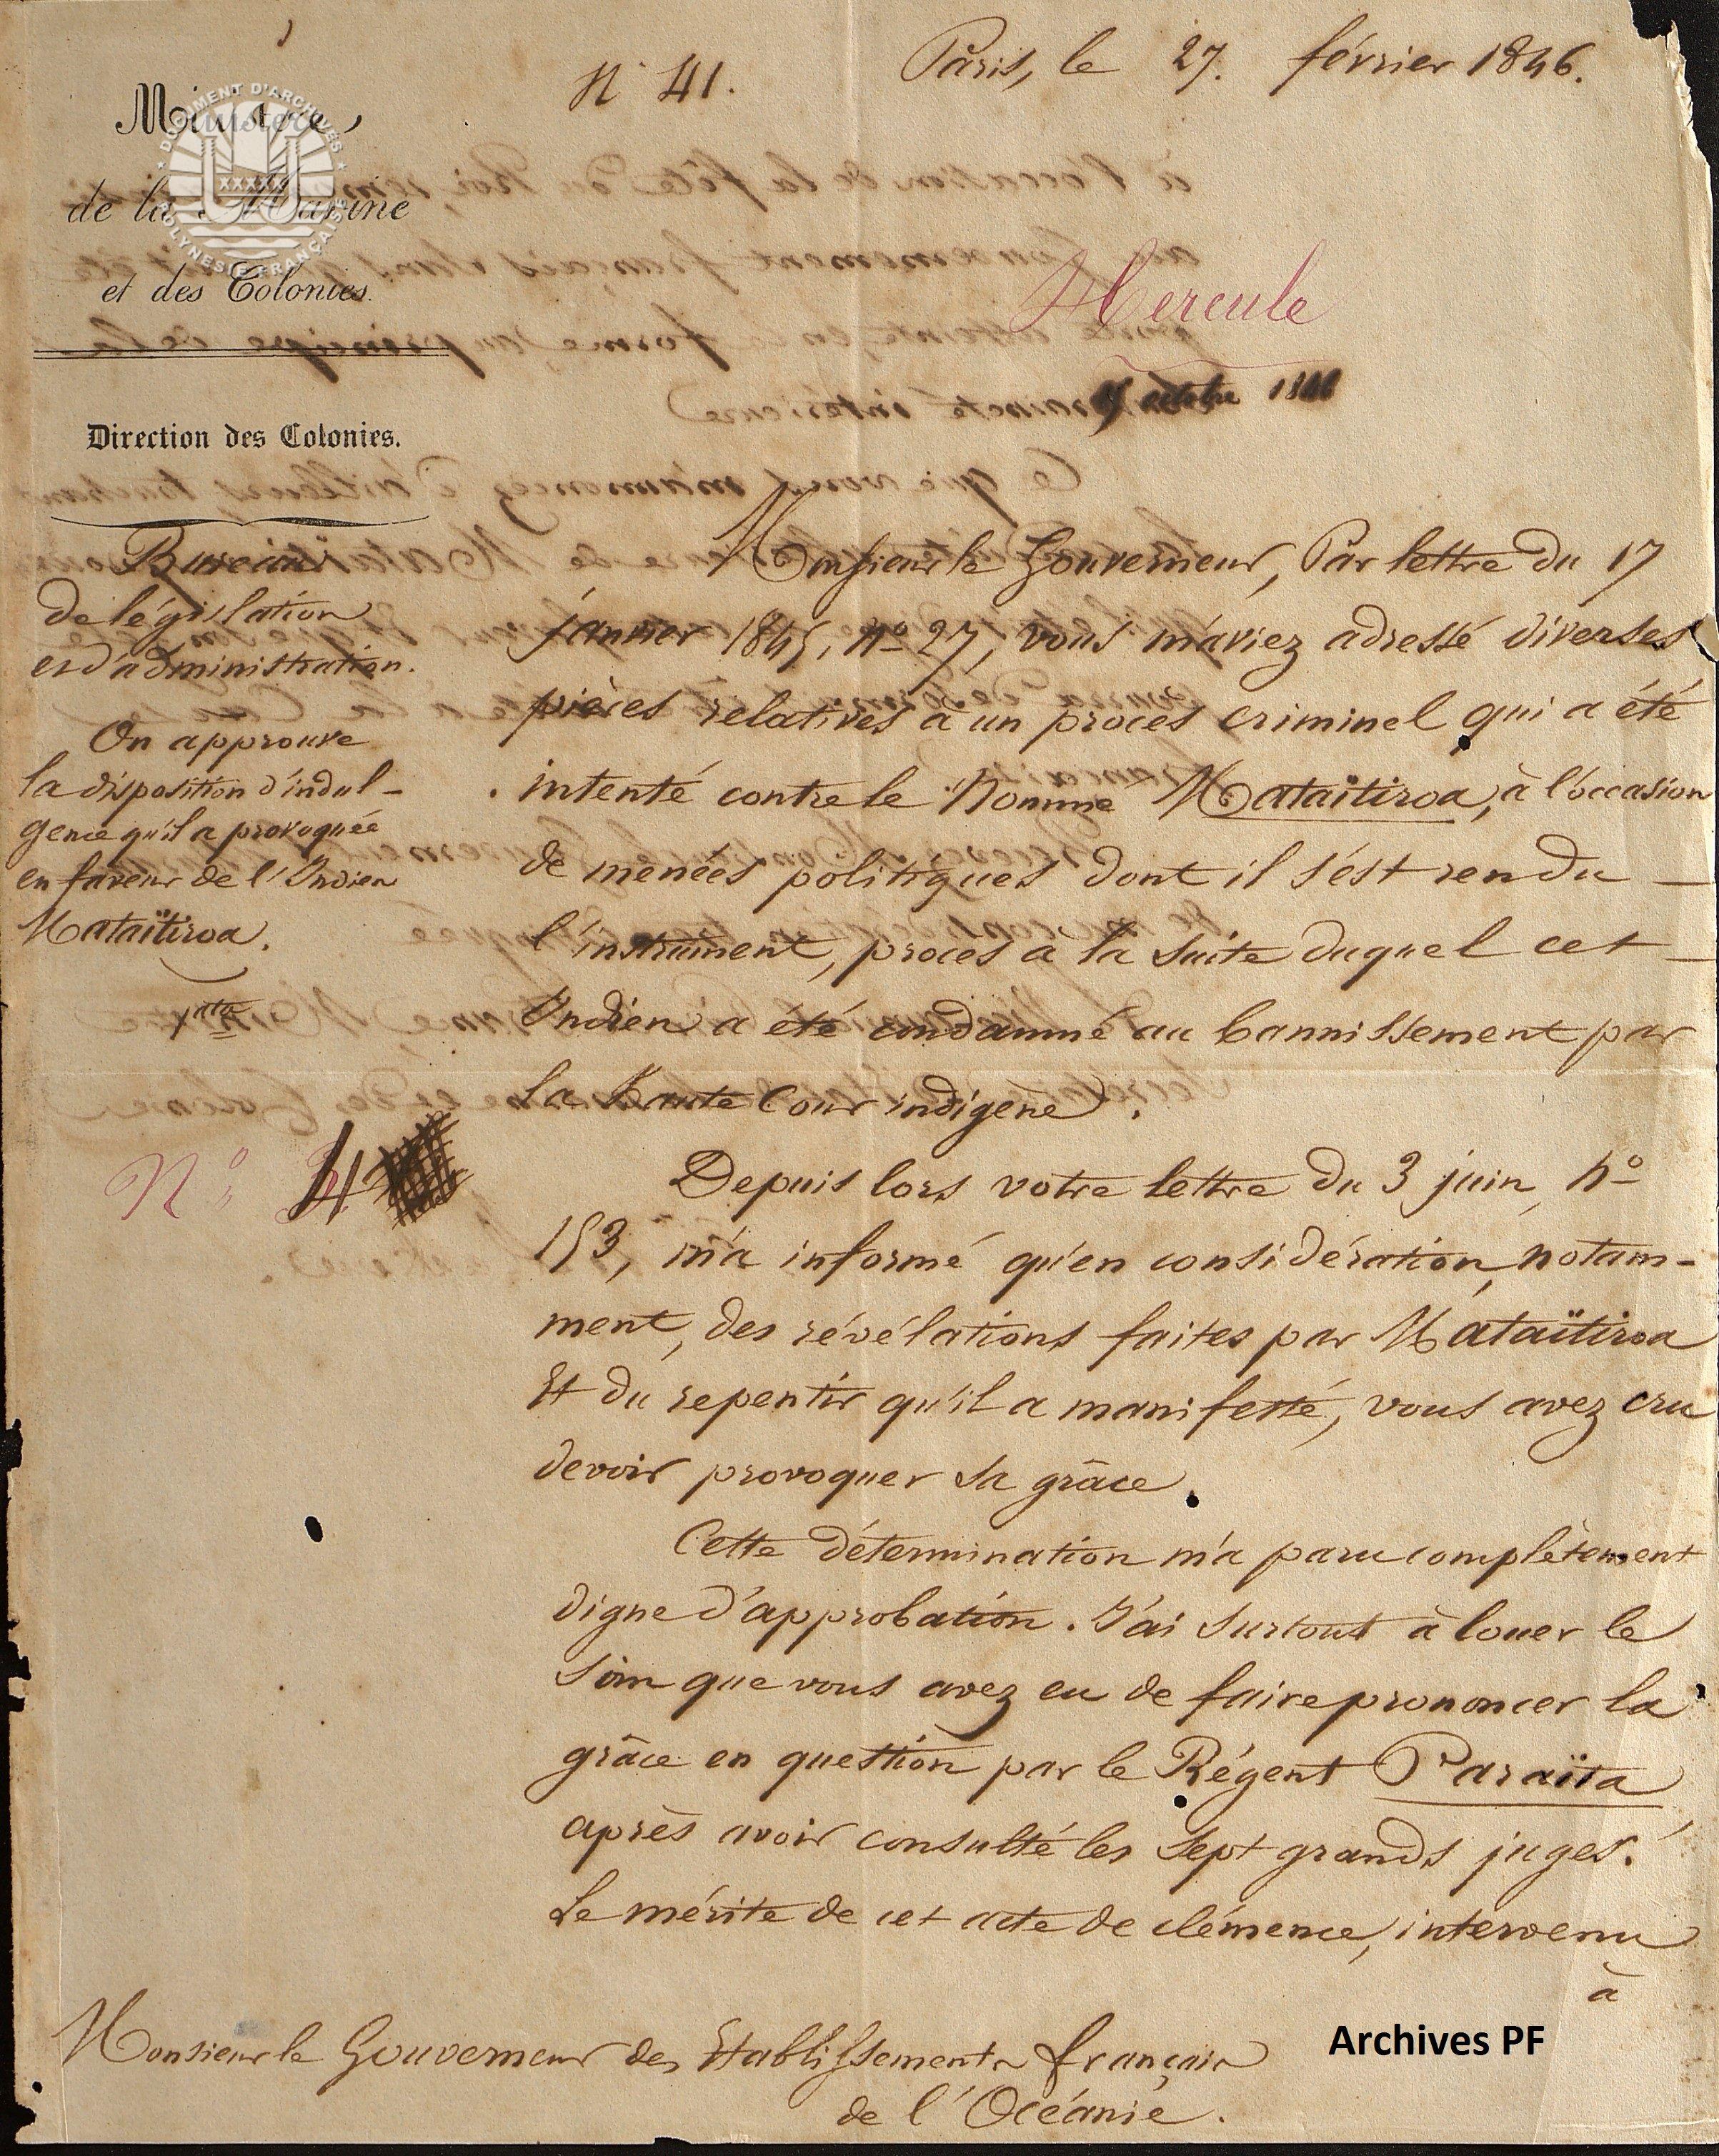 Approbation de la disposition d'indulgence provoquée en faveur de l'Indien Mataïtiroa Lettre du 27 février 1846